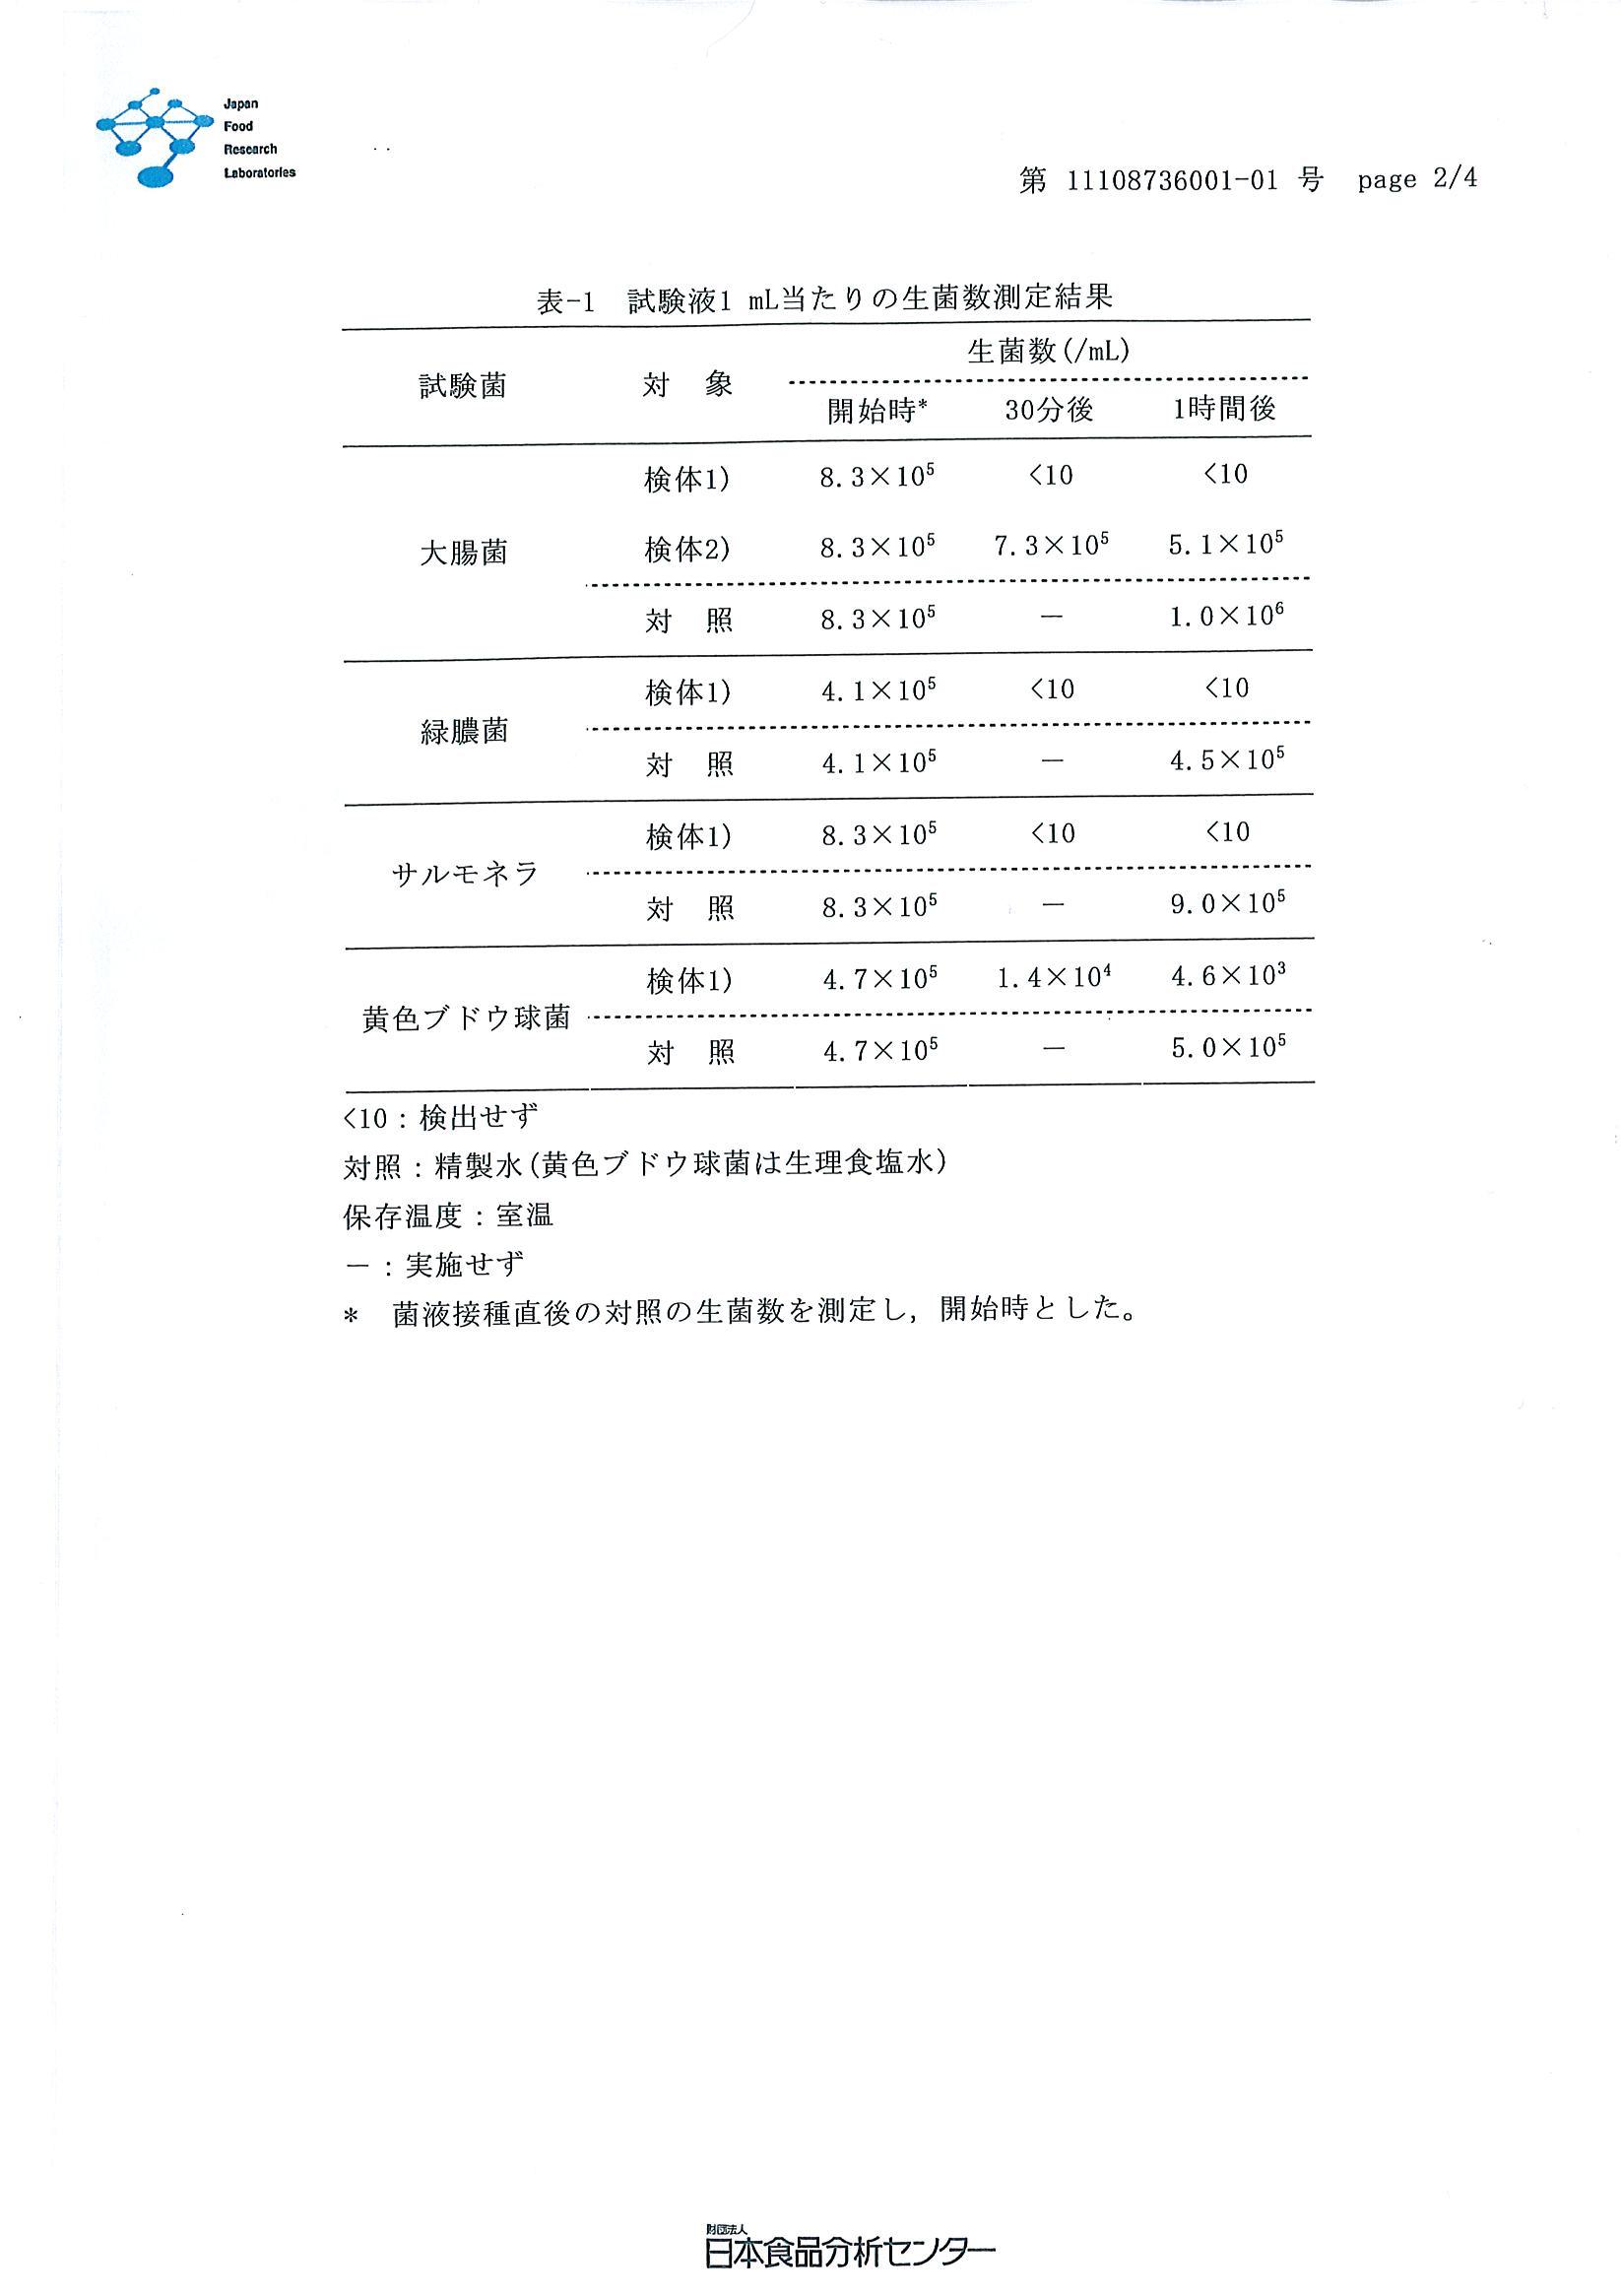 除菌測試報告